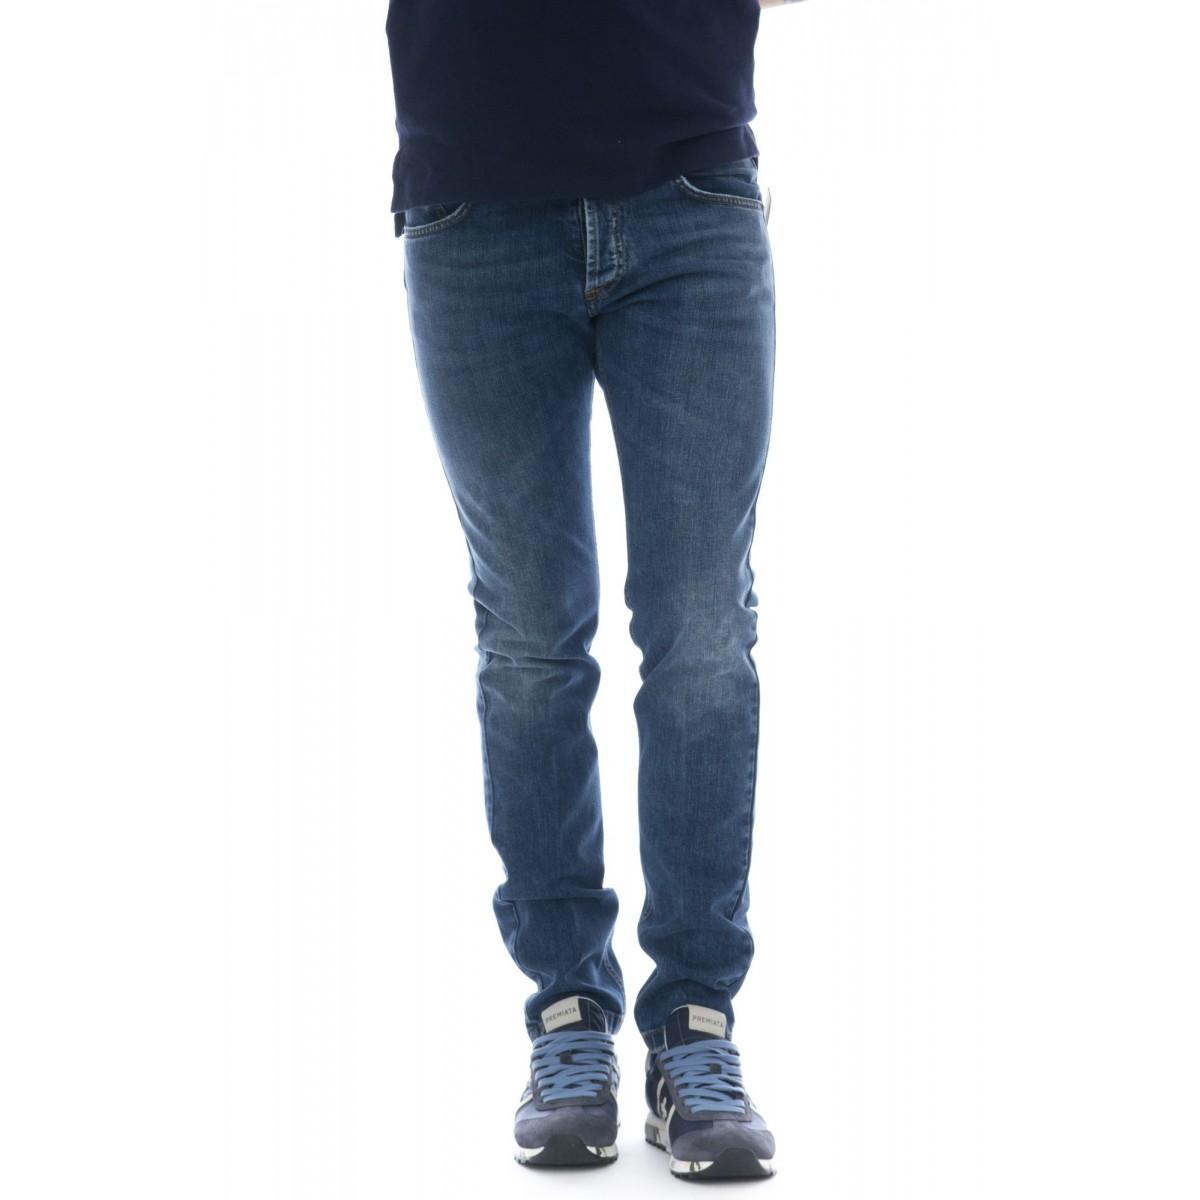 Jeans - 8212 206l154 jeans strech